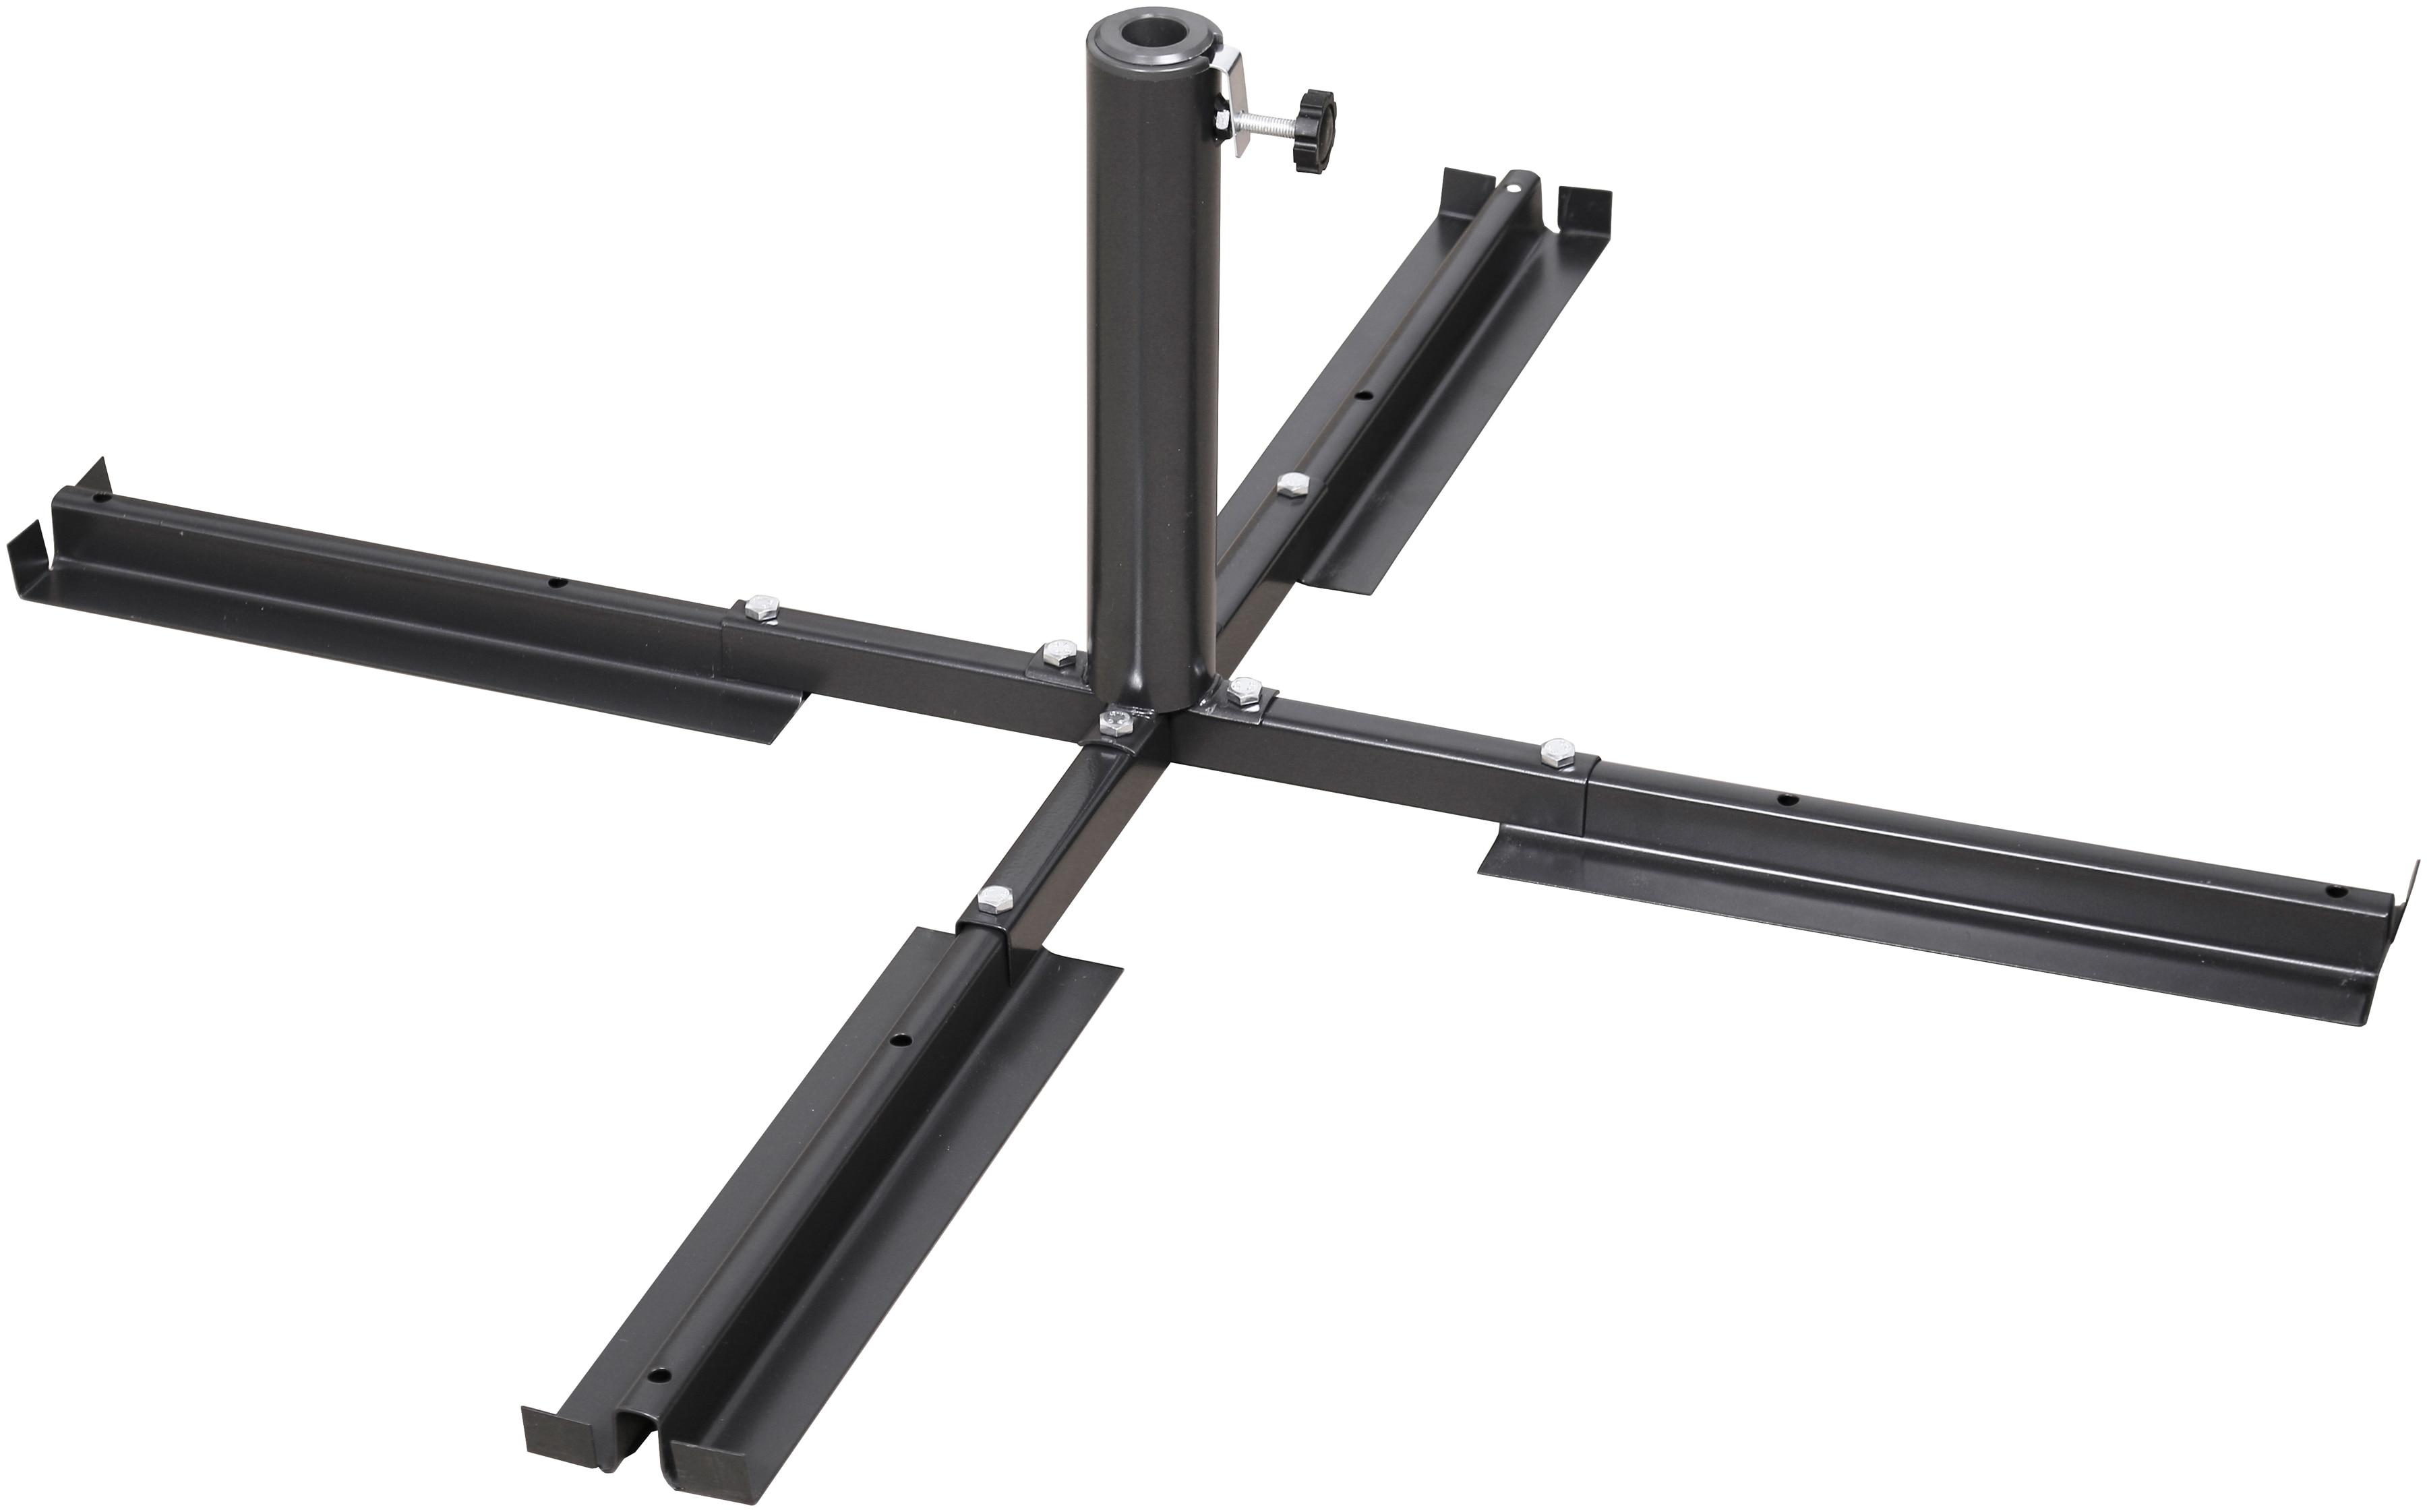 SCHNEIDER SCHIRME Plattenständer Stahl, für Schirmstöcke Ø 25-50 mm | Garten > Sonnenschirme und Markisen > Sonnenschirmständer | Schneider Schirme